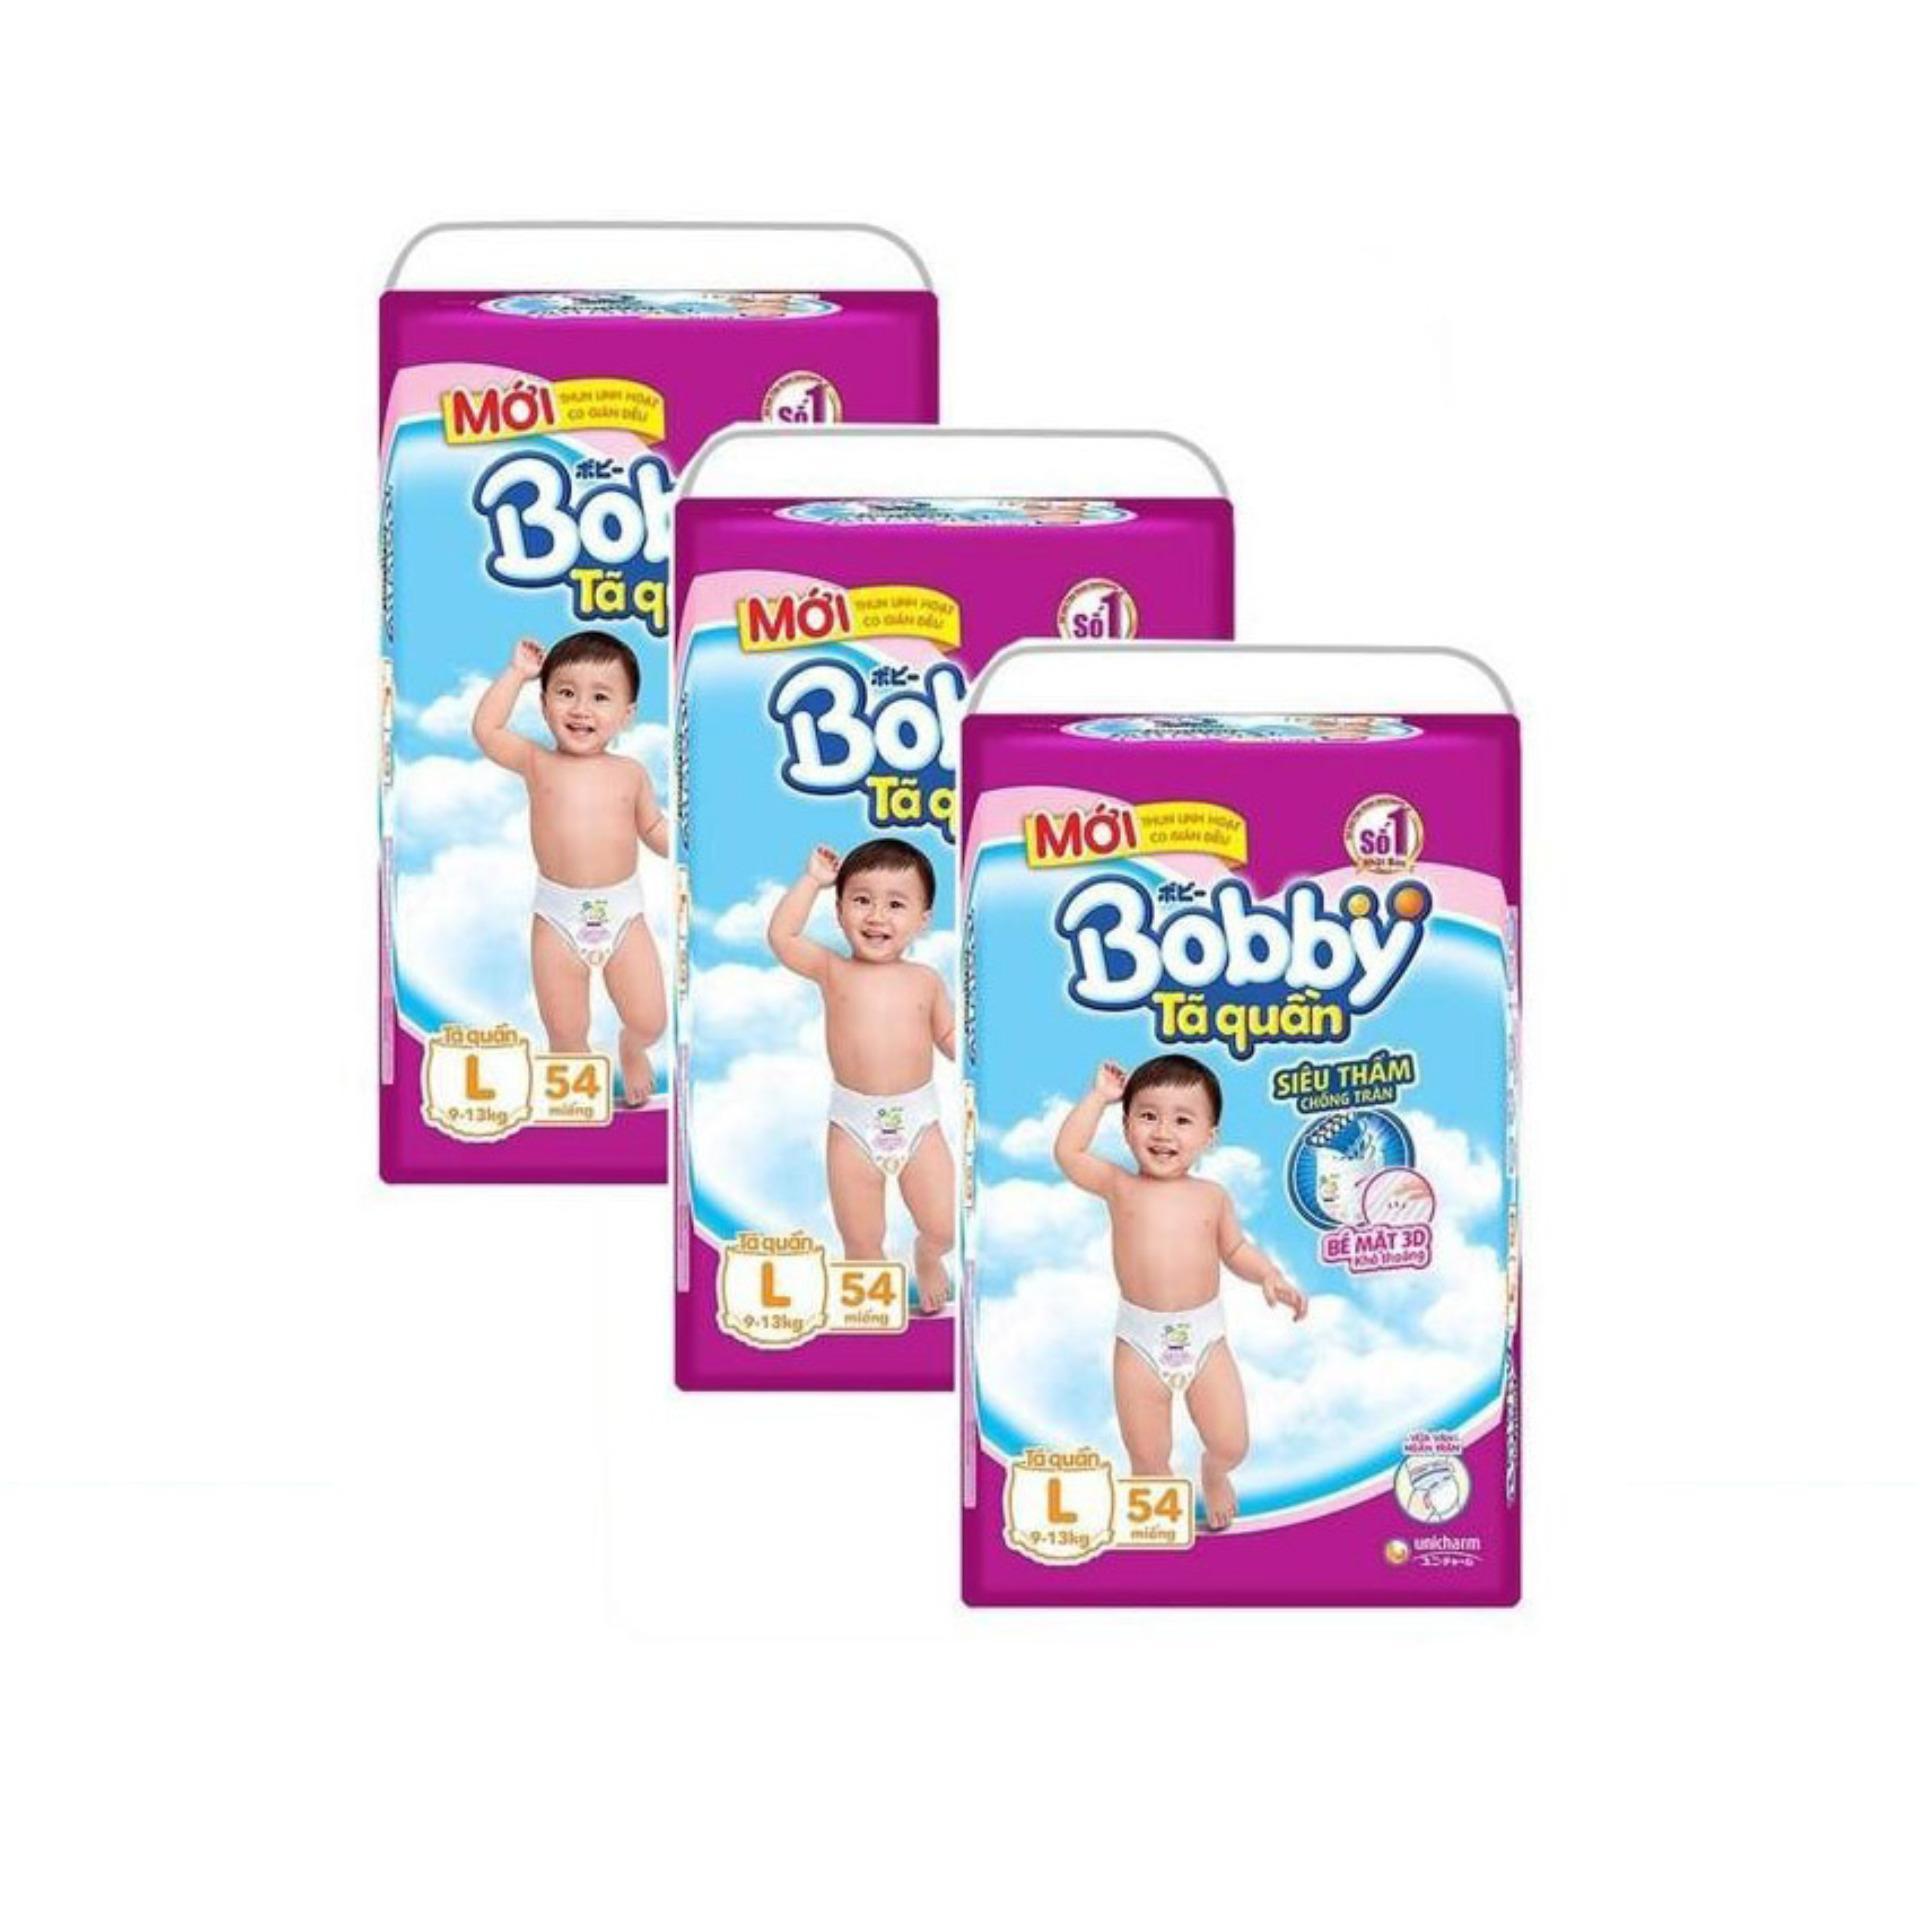 Bộ 3 gói tã quần Bobby L54